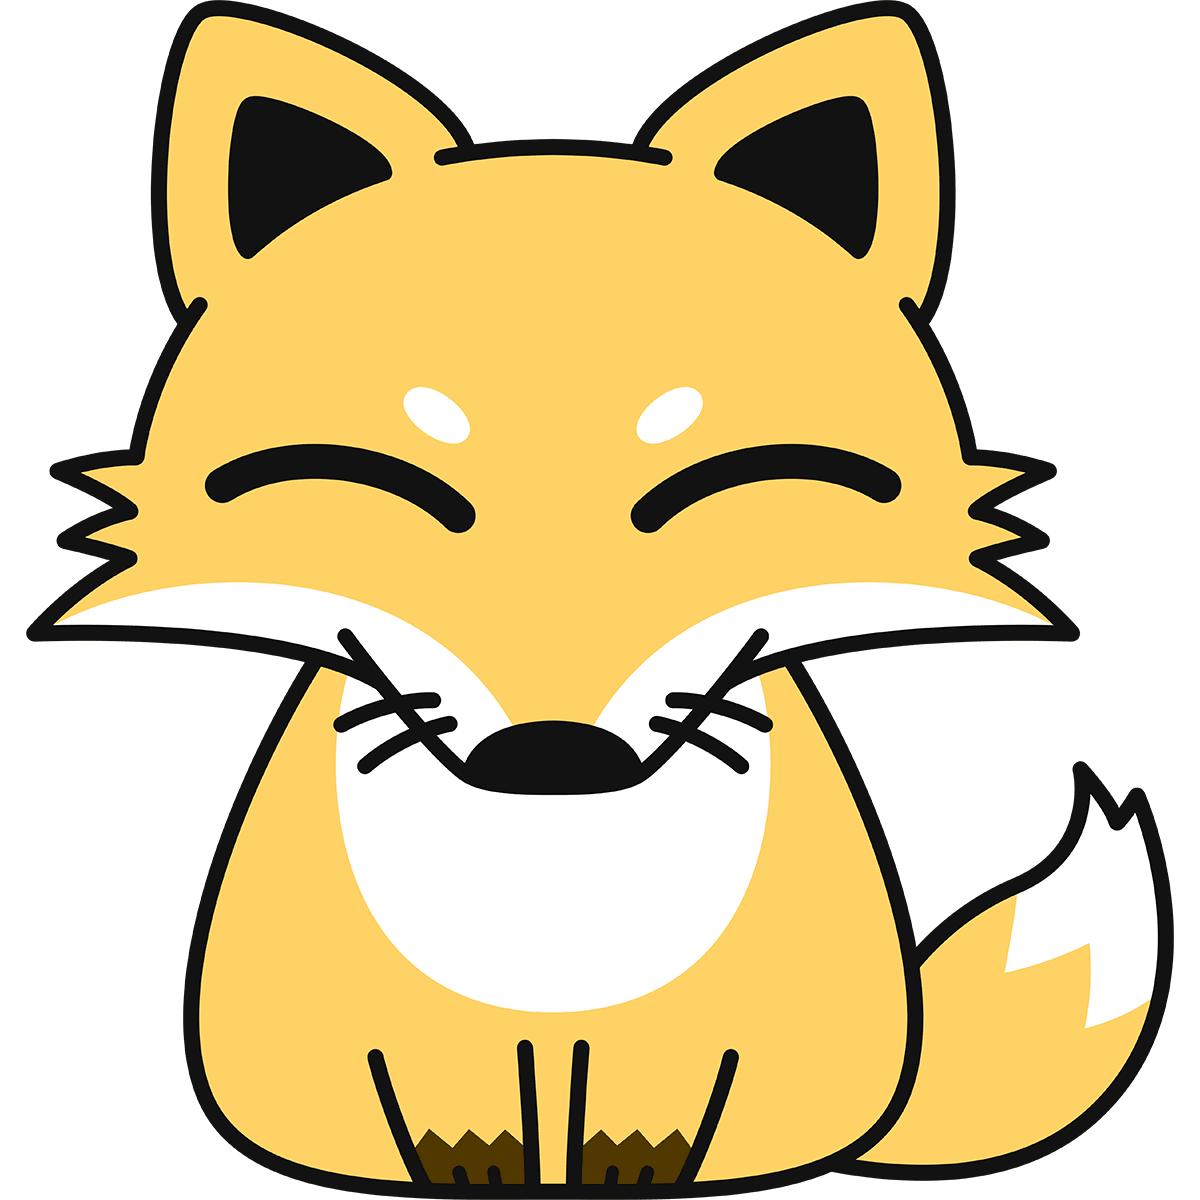 キツネ(狐)の無料イラスト